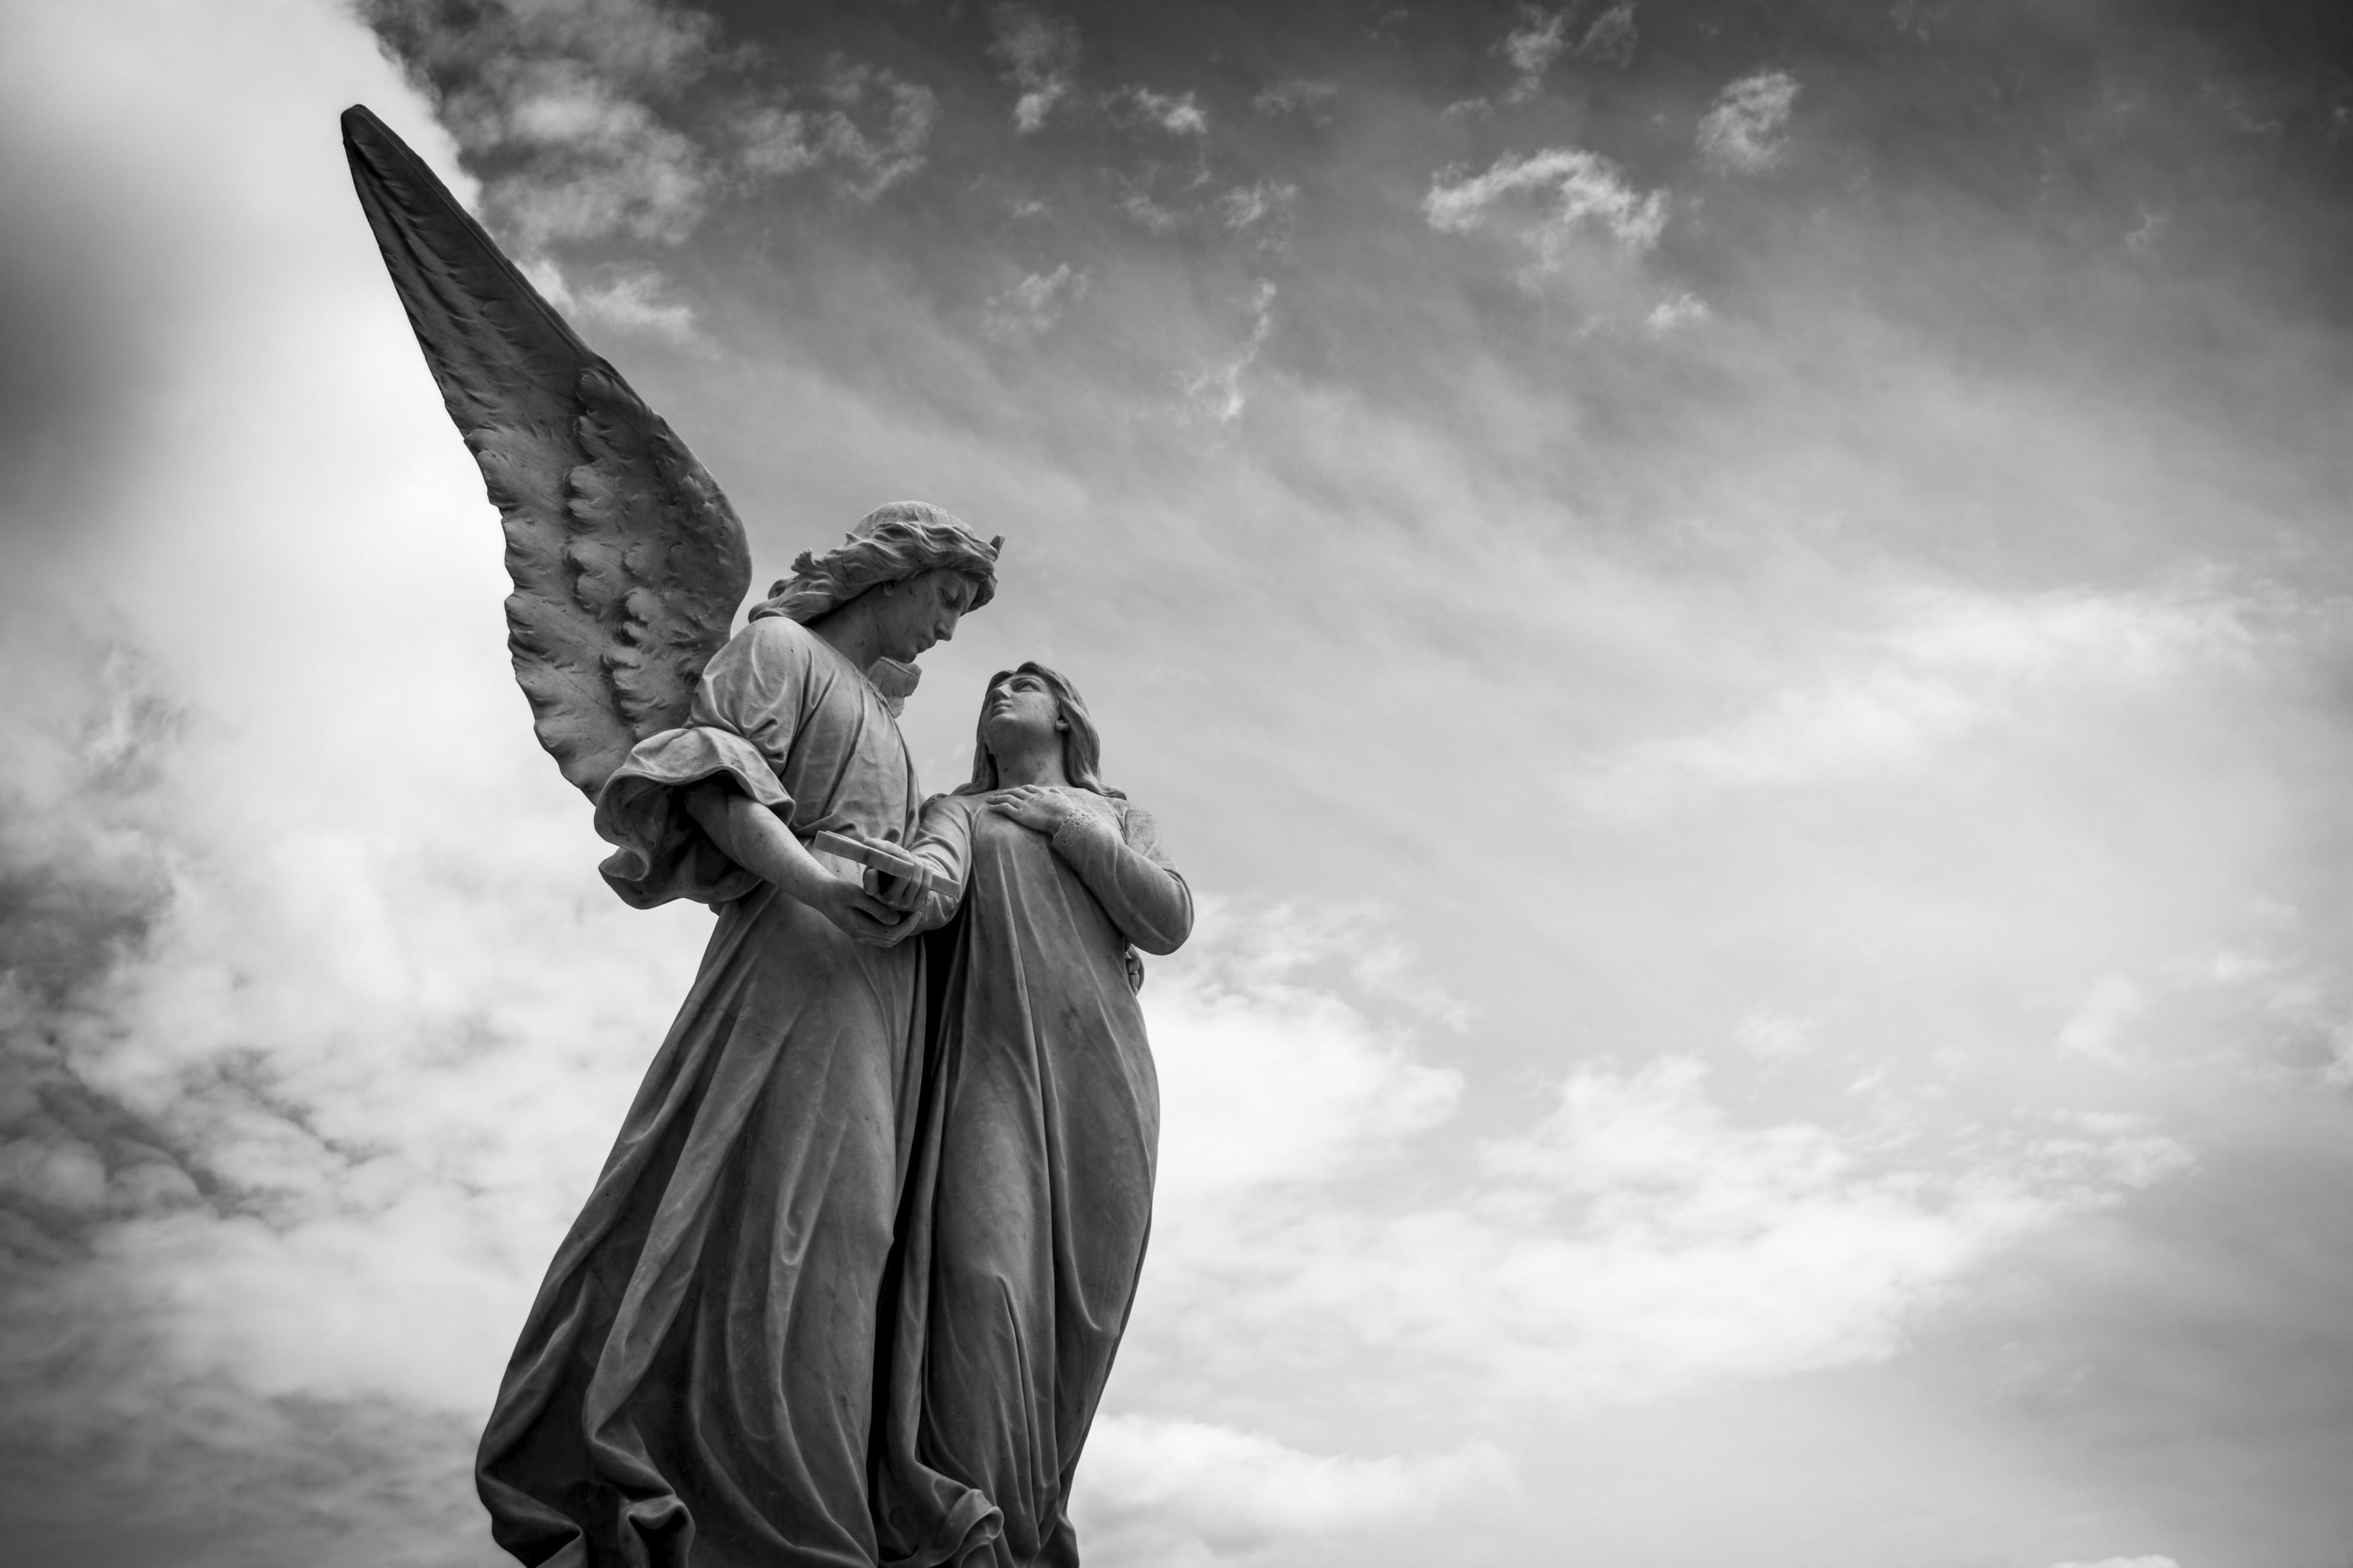 Hình ảnh tượng thiên thần rất đẹp